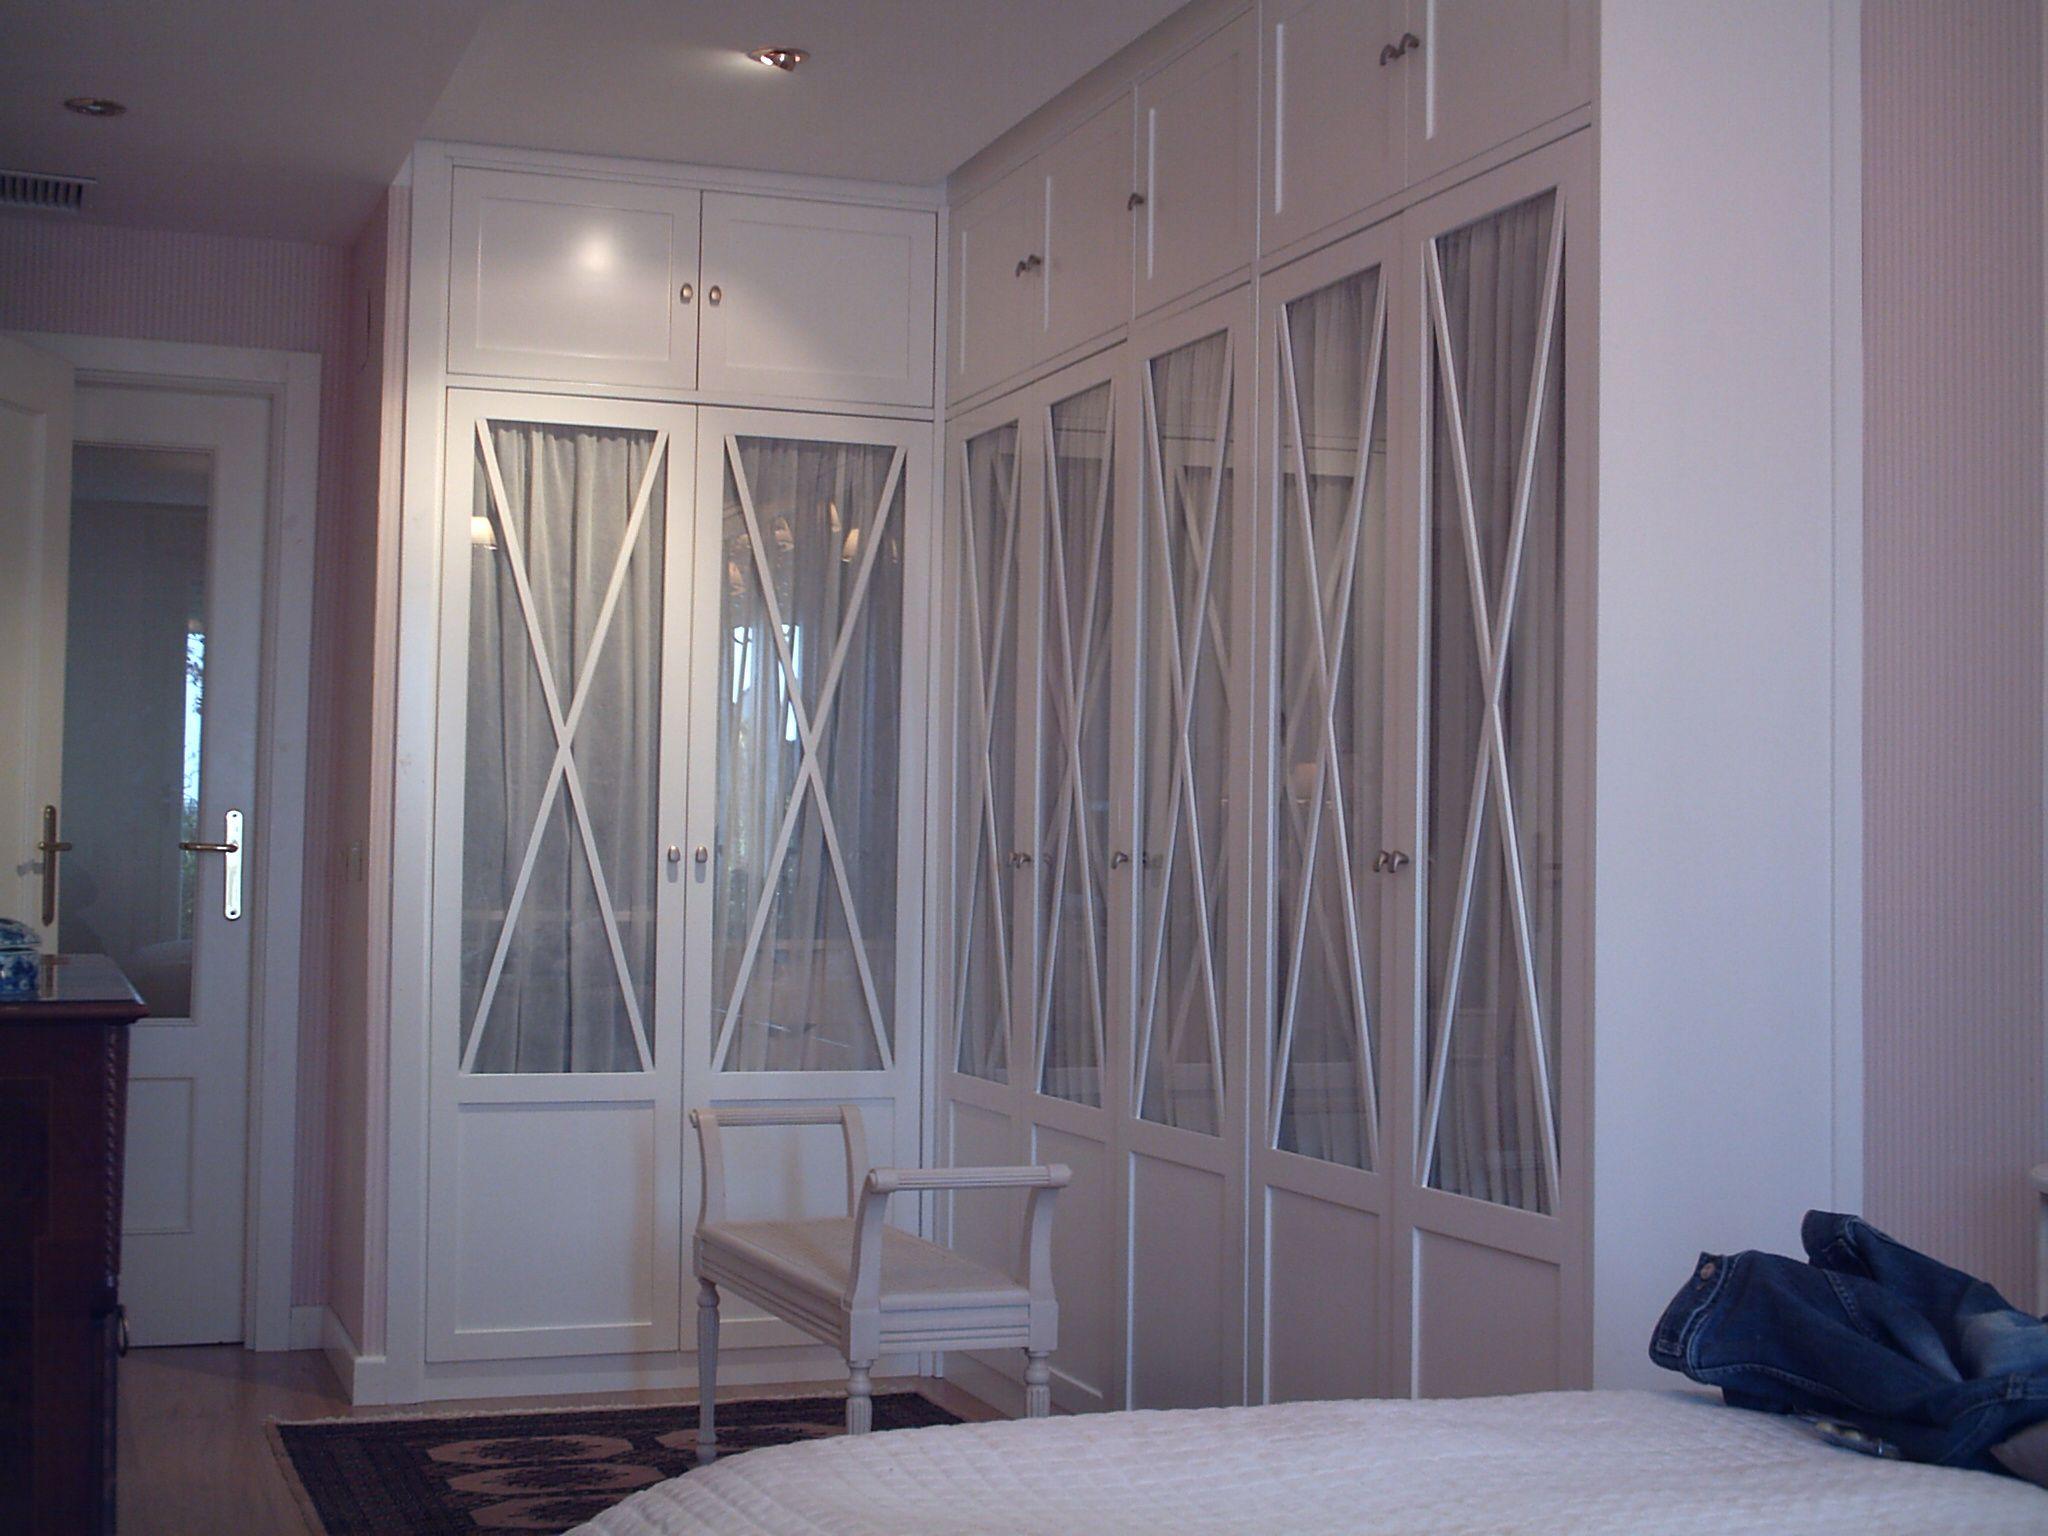 Puertas aspas con cuadro arriba y abajo armario pinterest puertas de cristal armario y - Armario con puertas de cristal ...